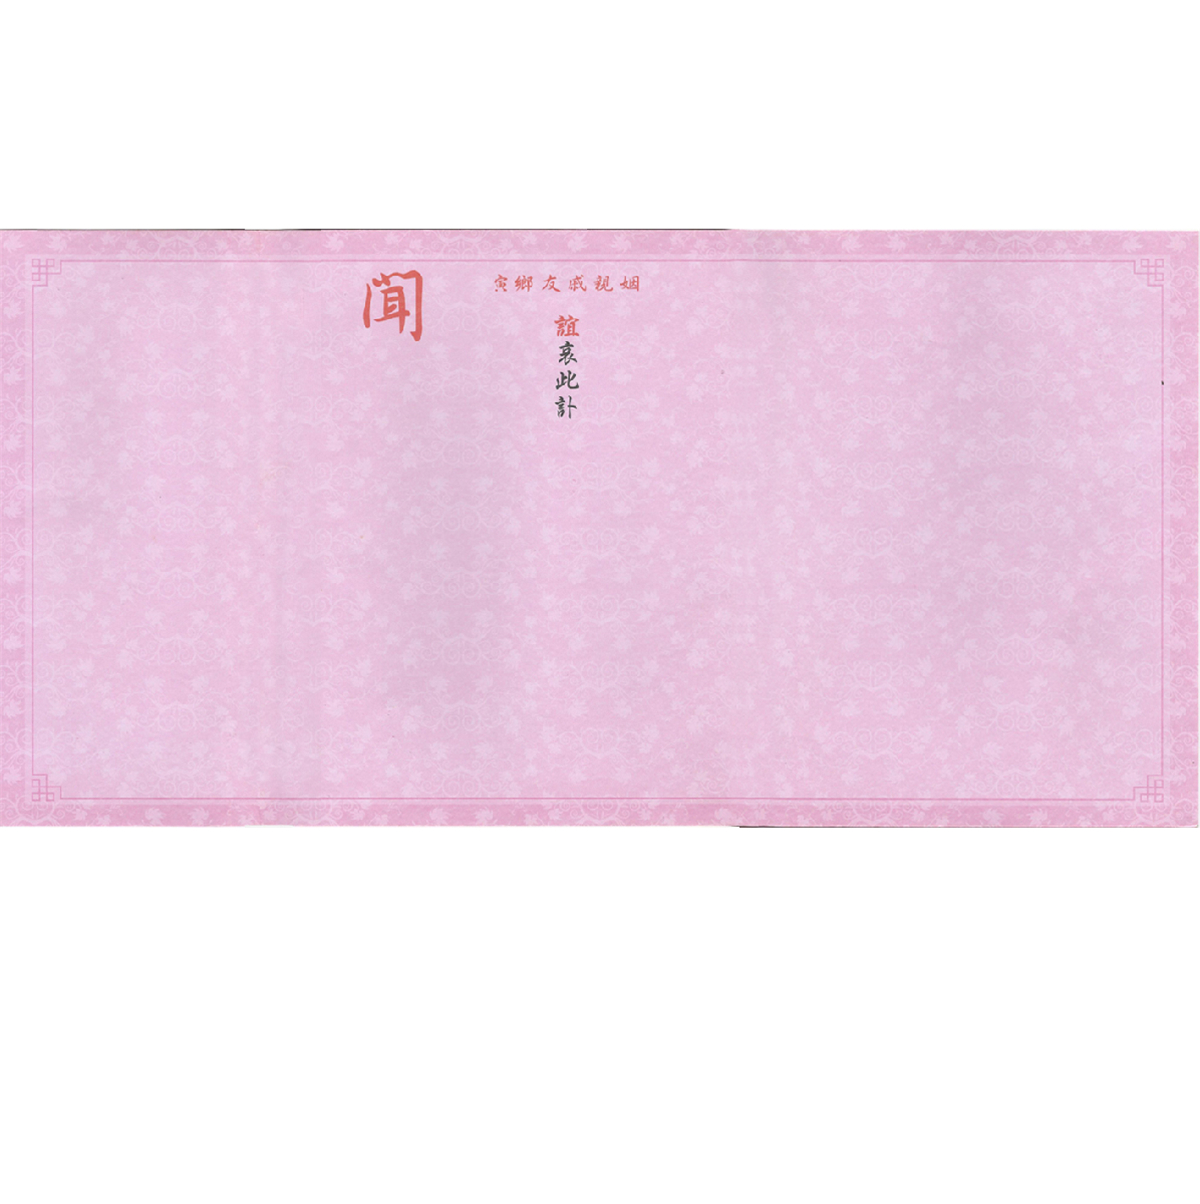 訃聞-佛道-粉紅